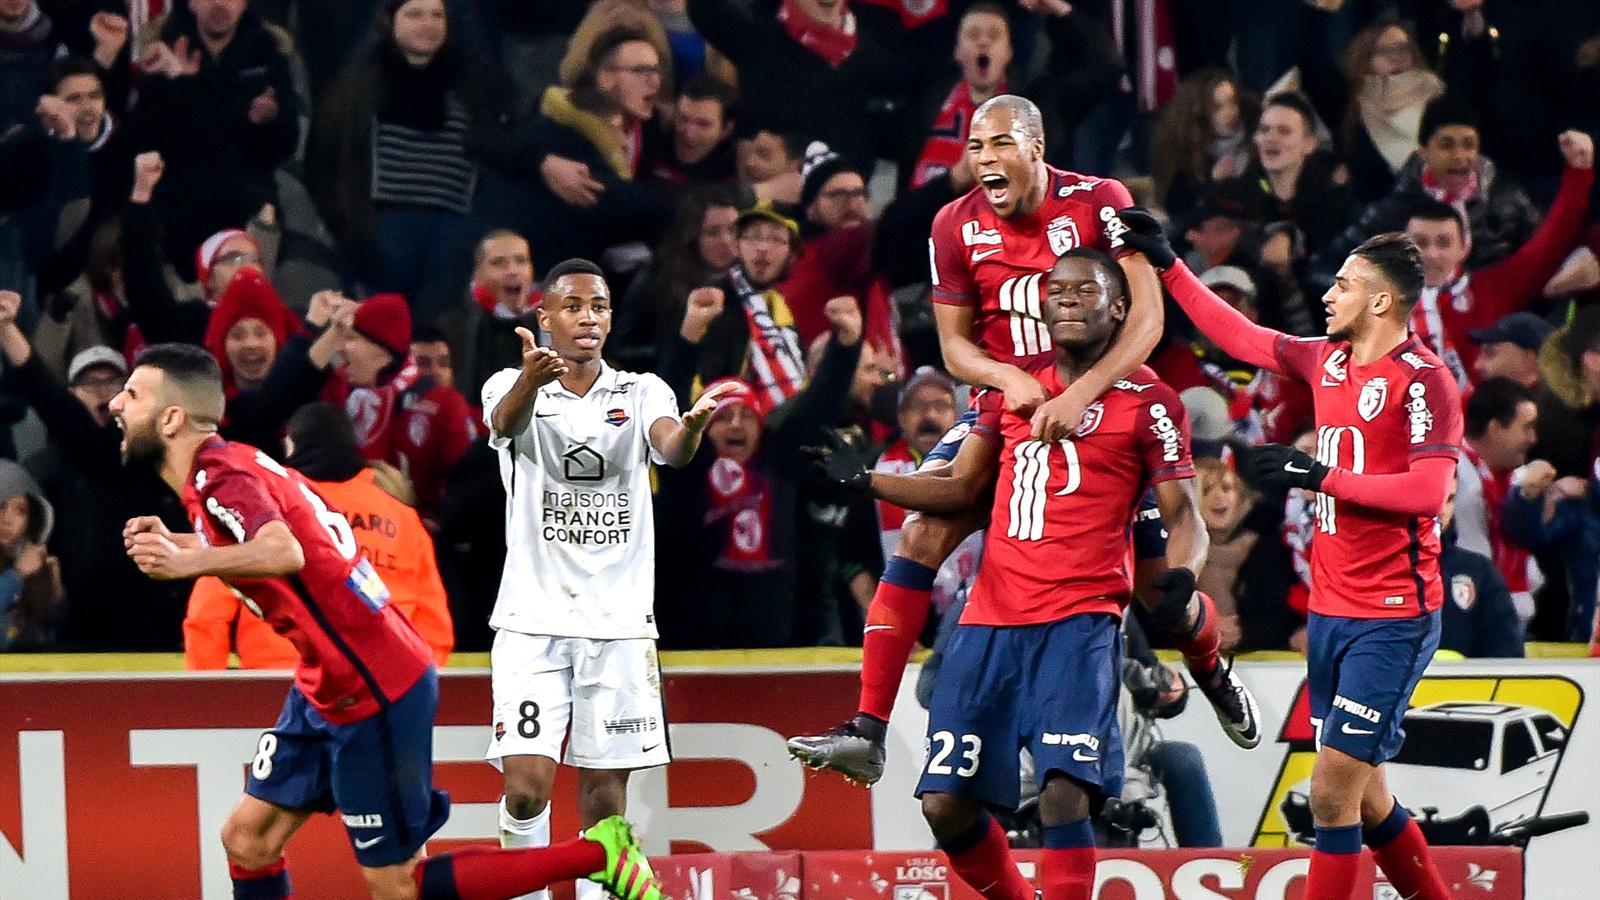 Les Lillois célèbrent le but d'Adama Soumaoro contre Caen